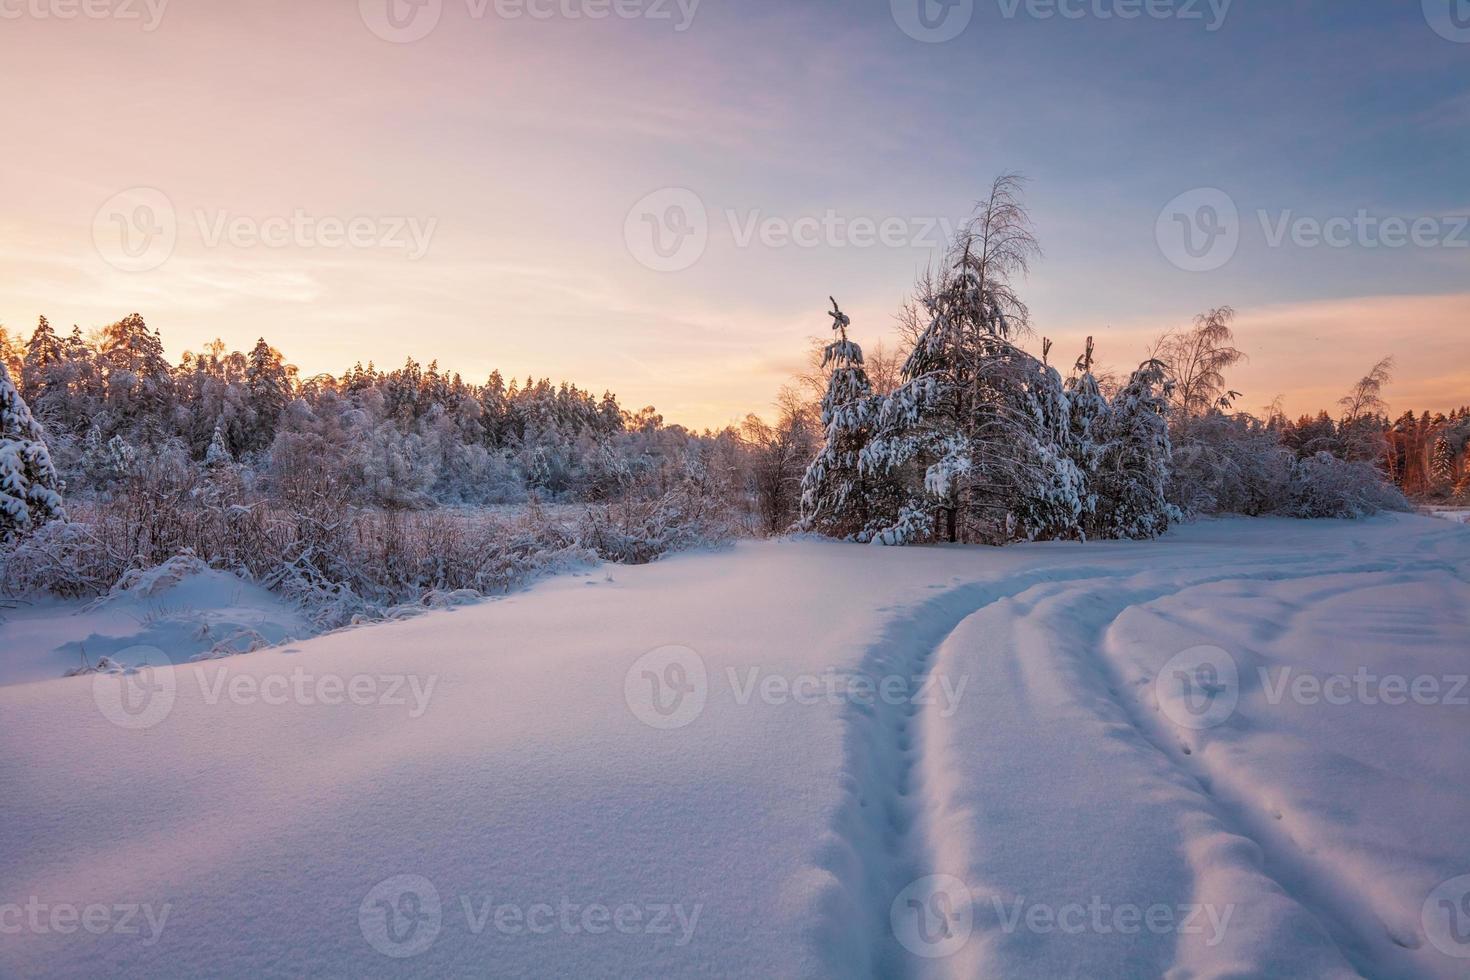 Beautiful winter sunset photo